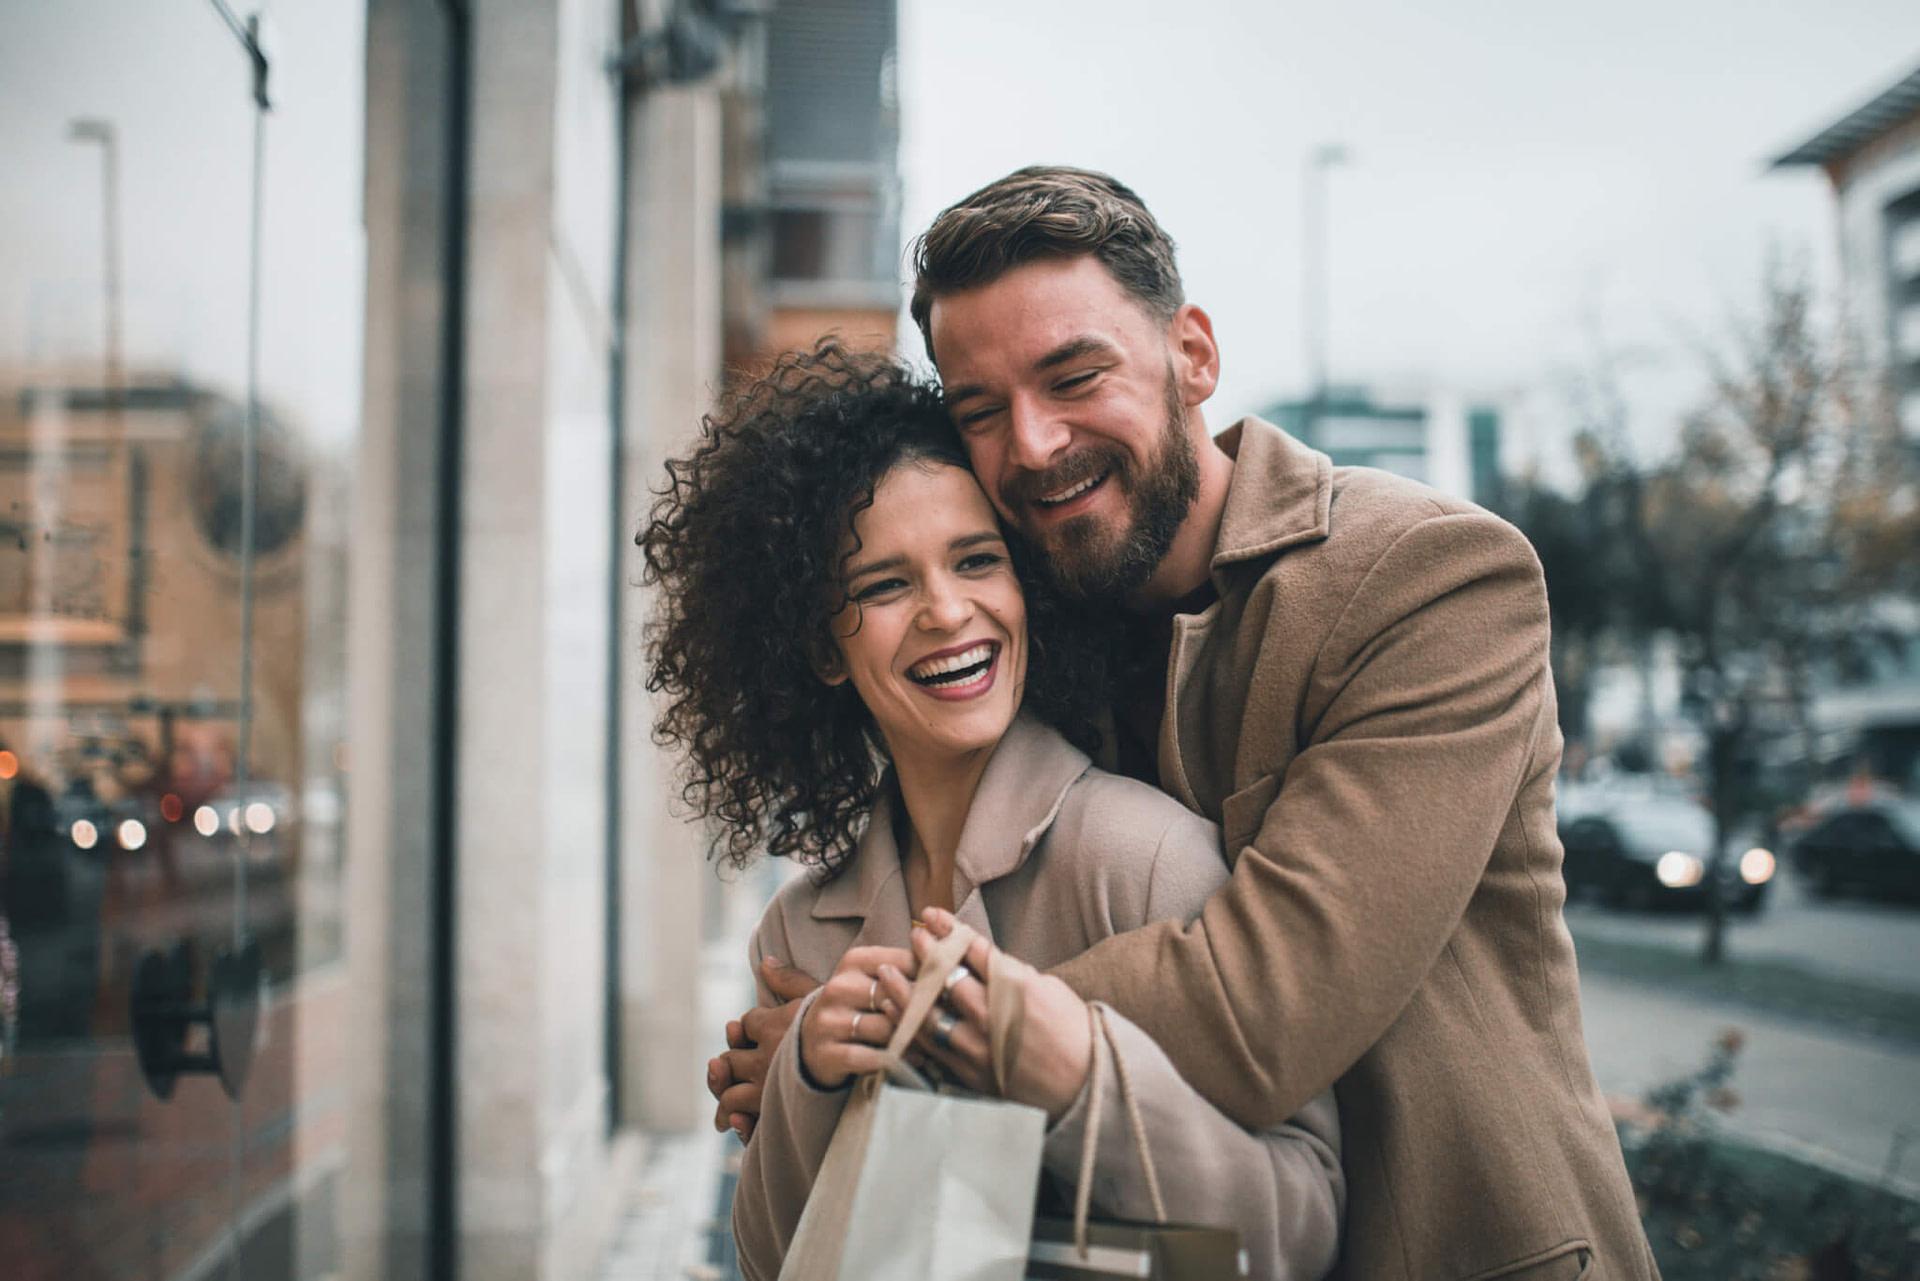 Junges Paar genießt die gemeinsame Zeit in der Stadt.